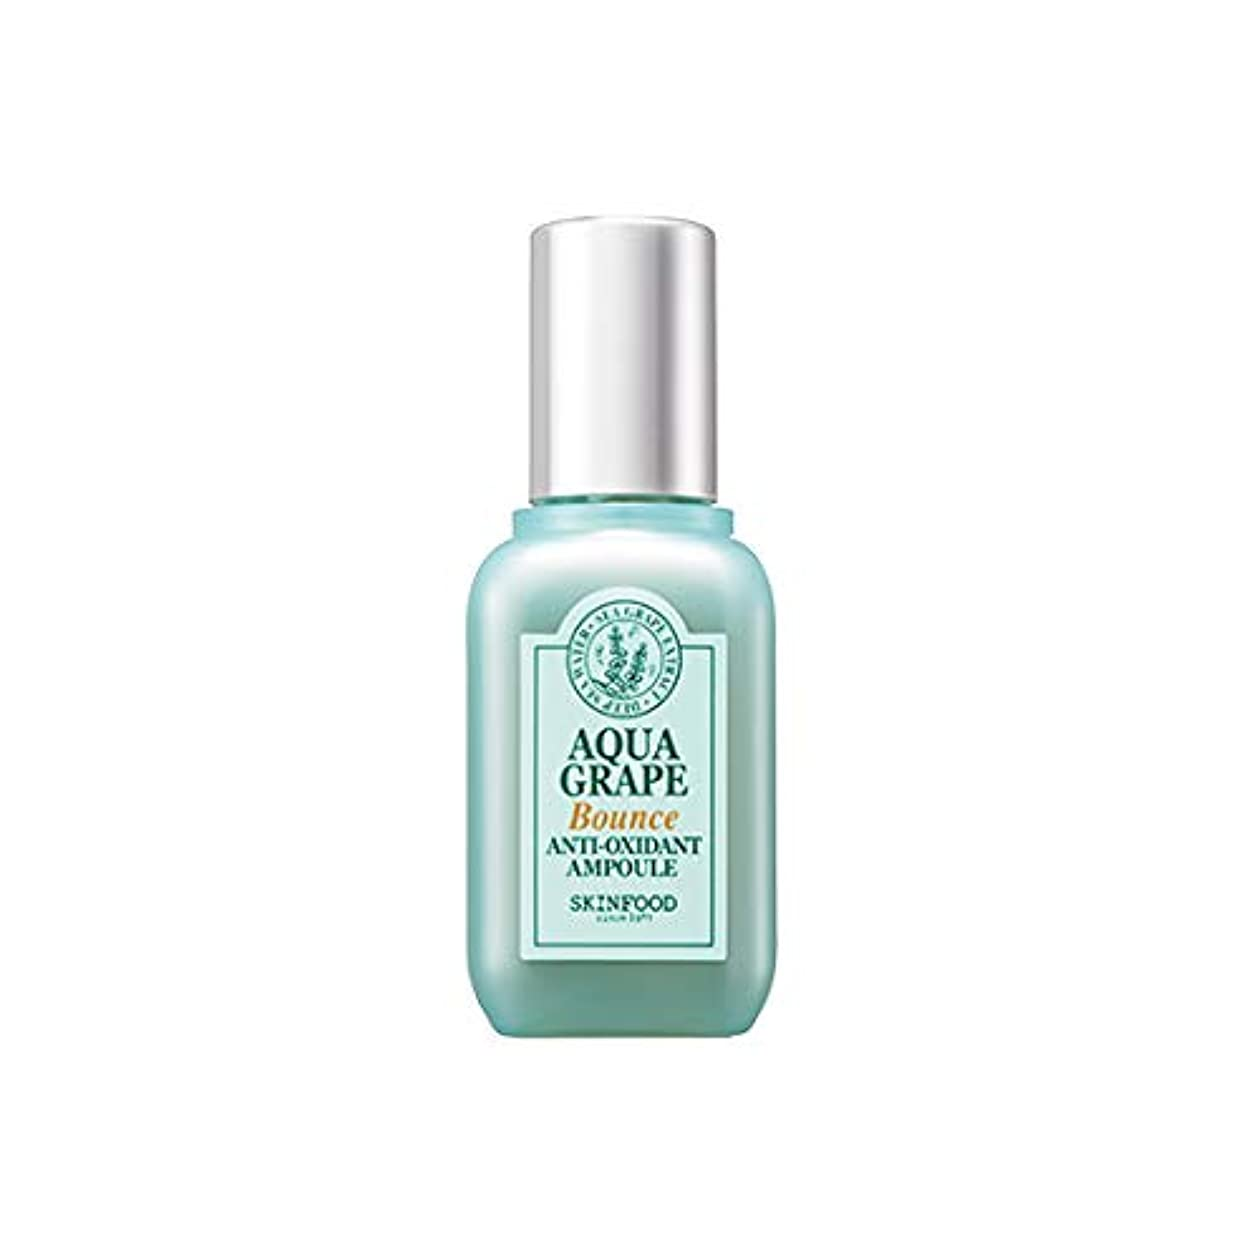 透過性質素な賃金Skinfood Aqua Grape Bounce Anti Oxidant Ampoule/アクアグレープバウンスアンチオキシダントアンプル/55g [並行輸入品]